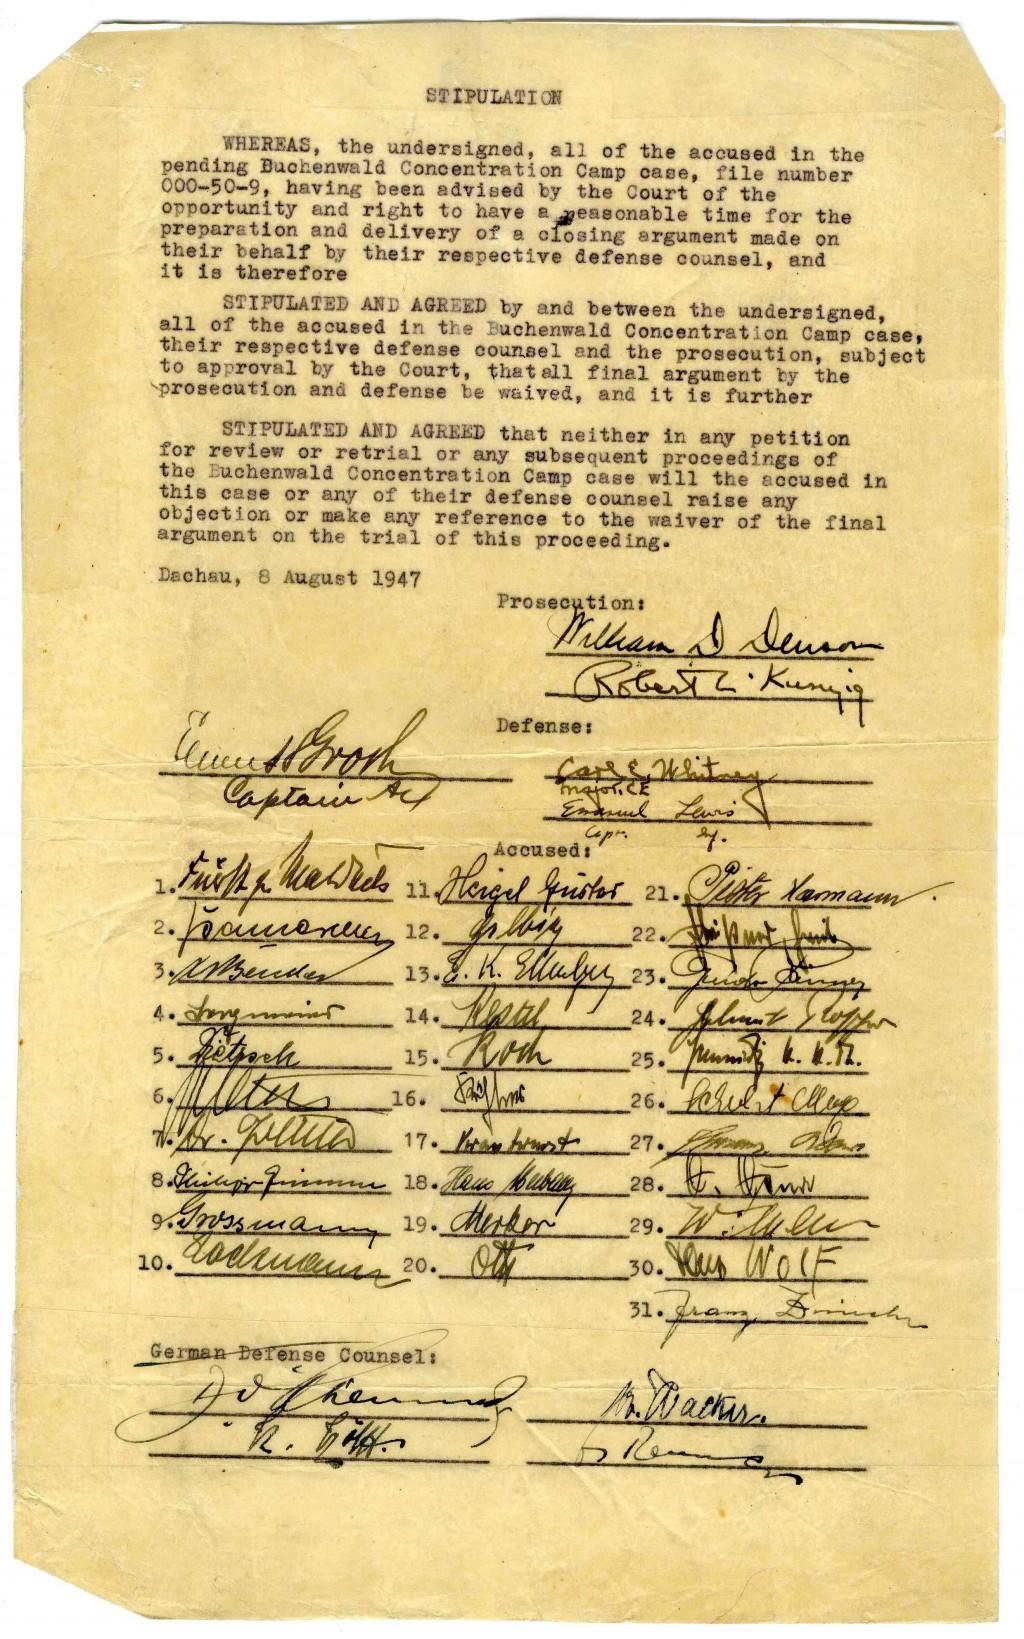 Buchenwald trial document [LCID: 20057gq1]